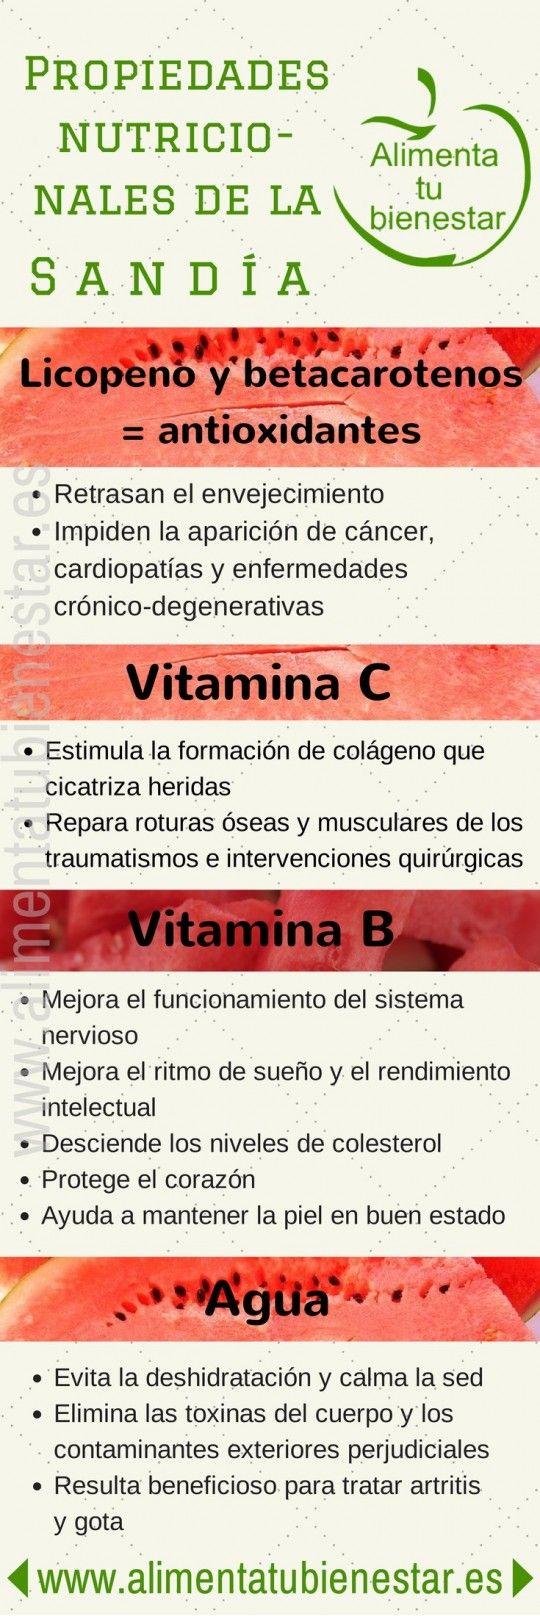 componentes nutricionales de la sandia